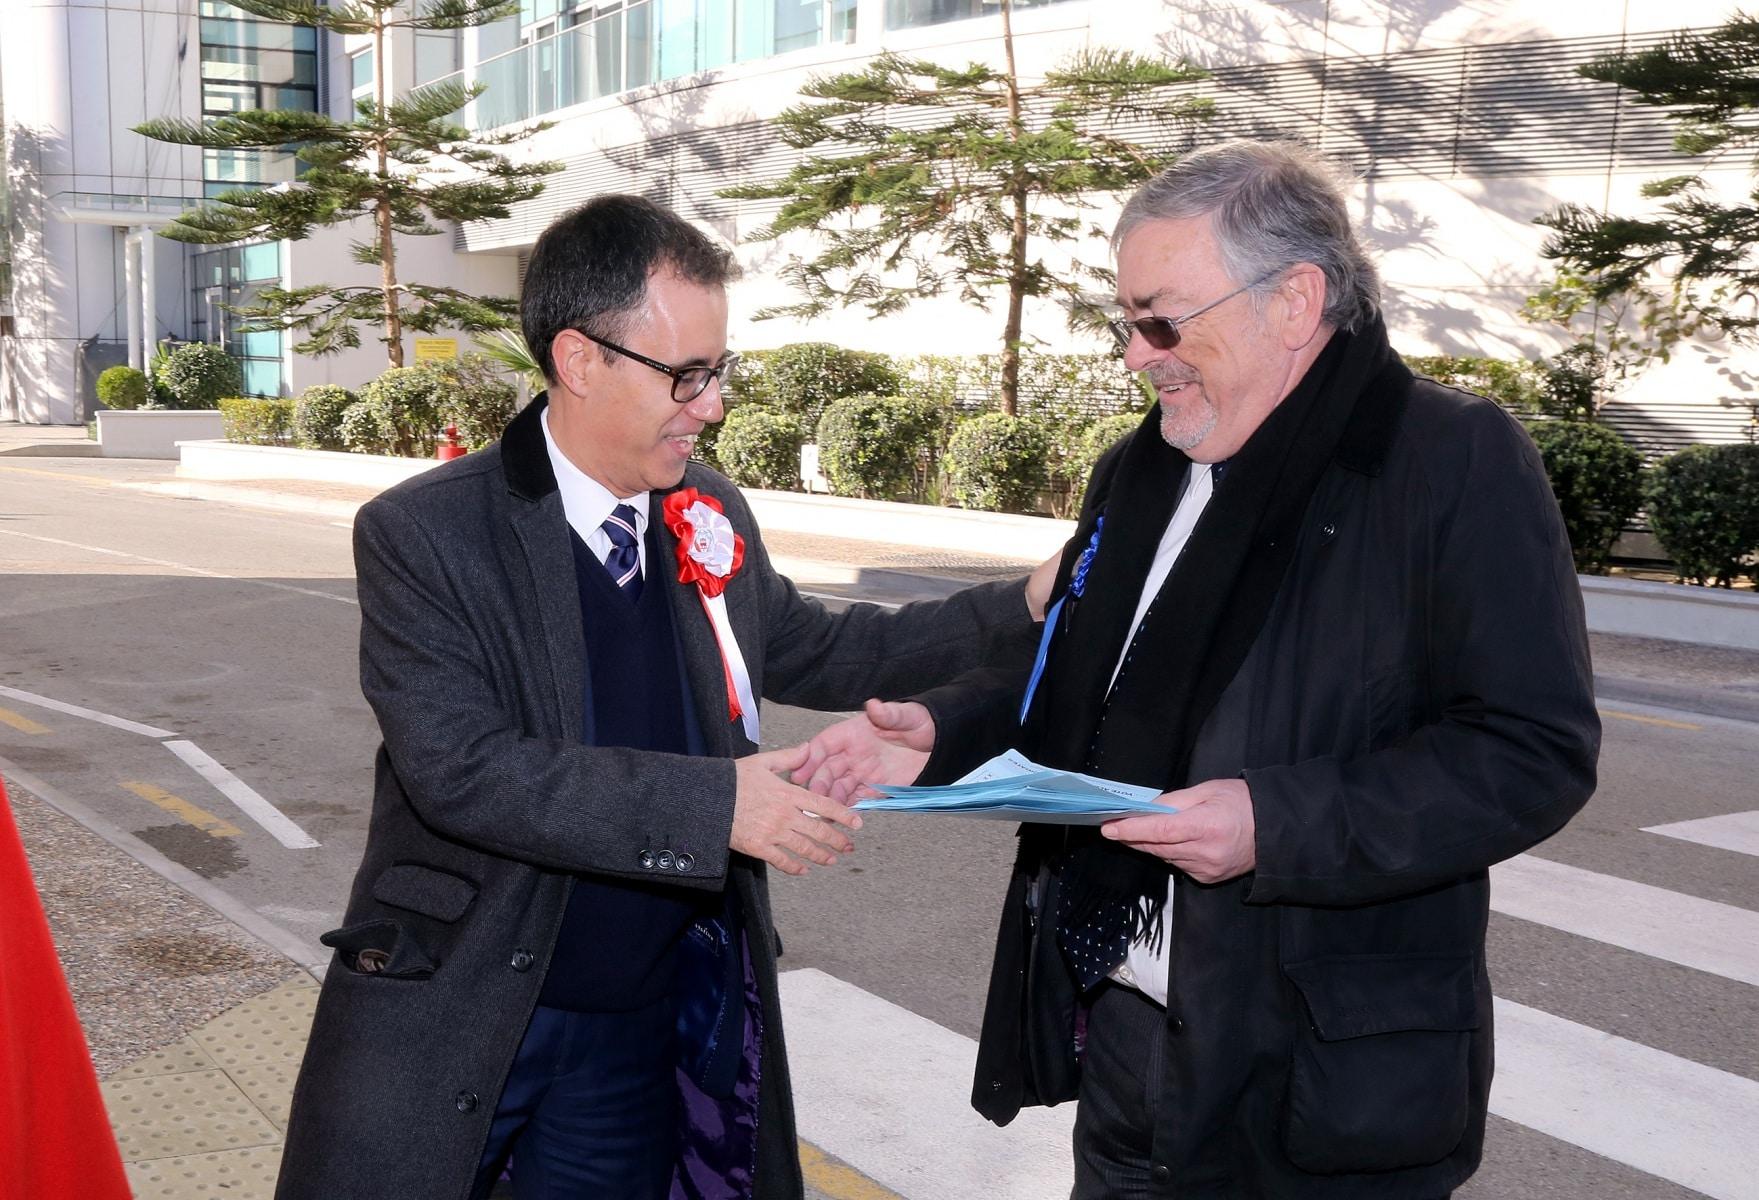 elecciones-generales-gibraltar-26-de-noviembre-de-2015_23299044466_o